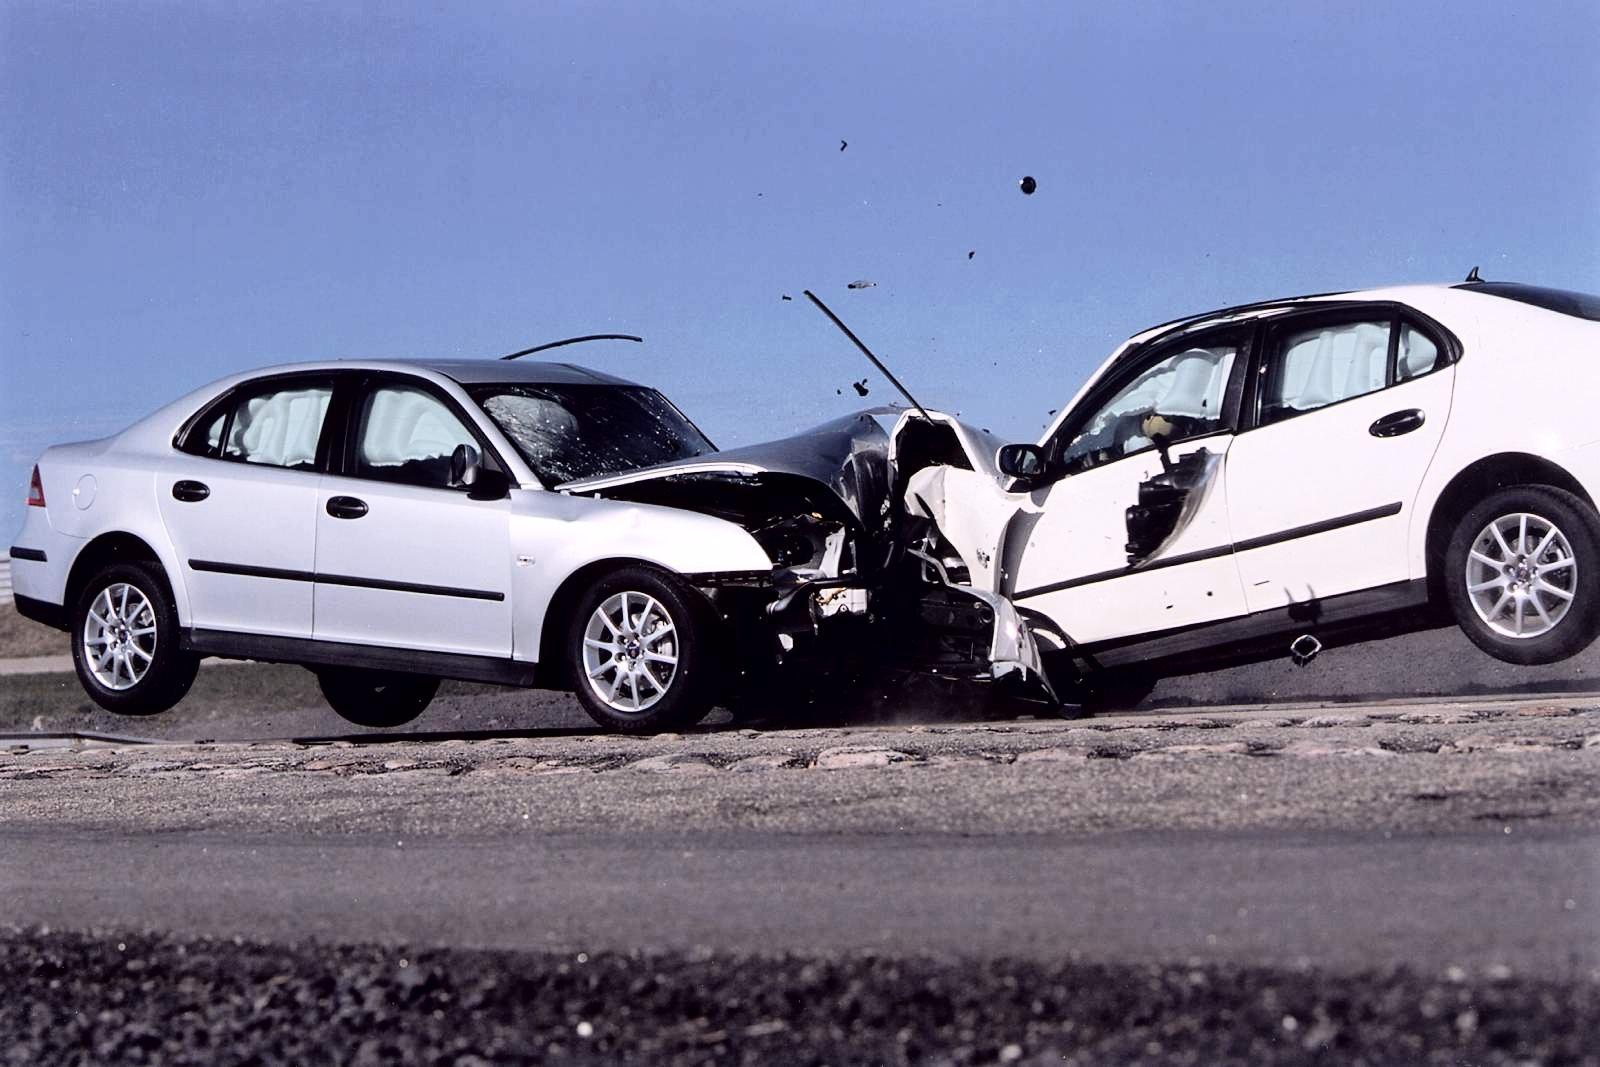 10. accidents